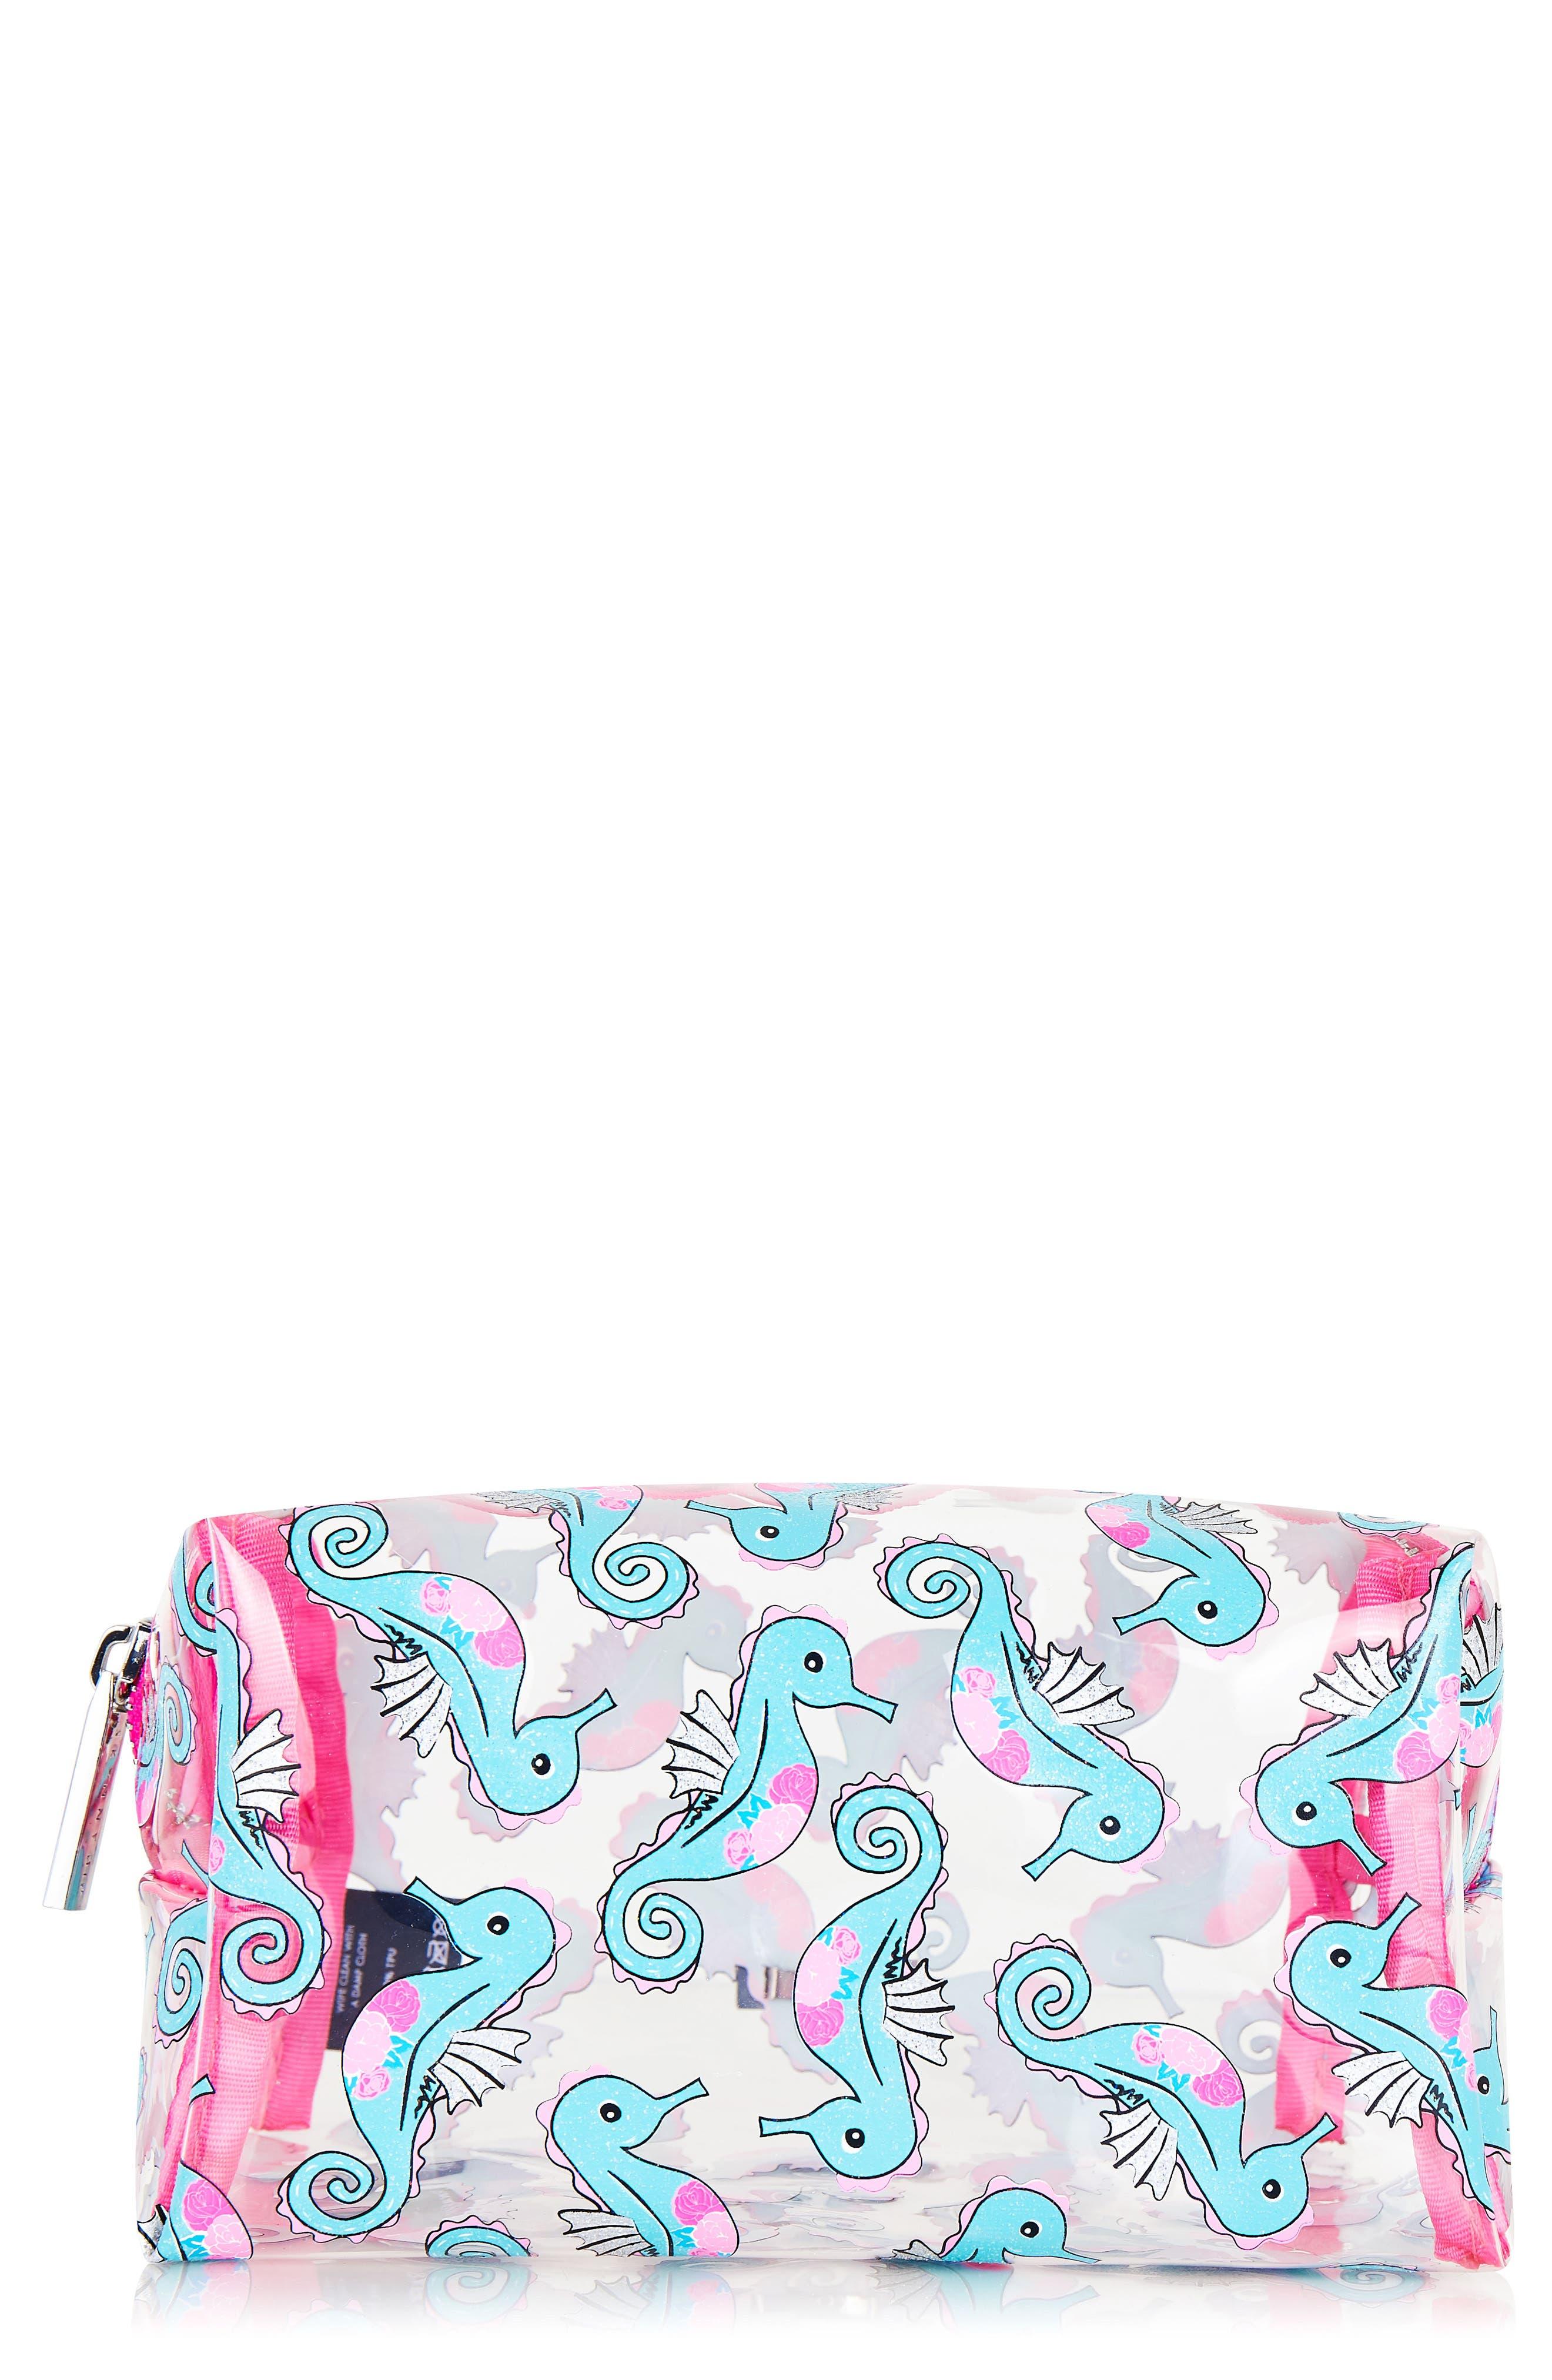 Skinny Dip Reef Makeup Bag,                         Main,                         color, No Color